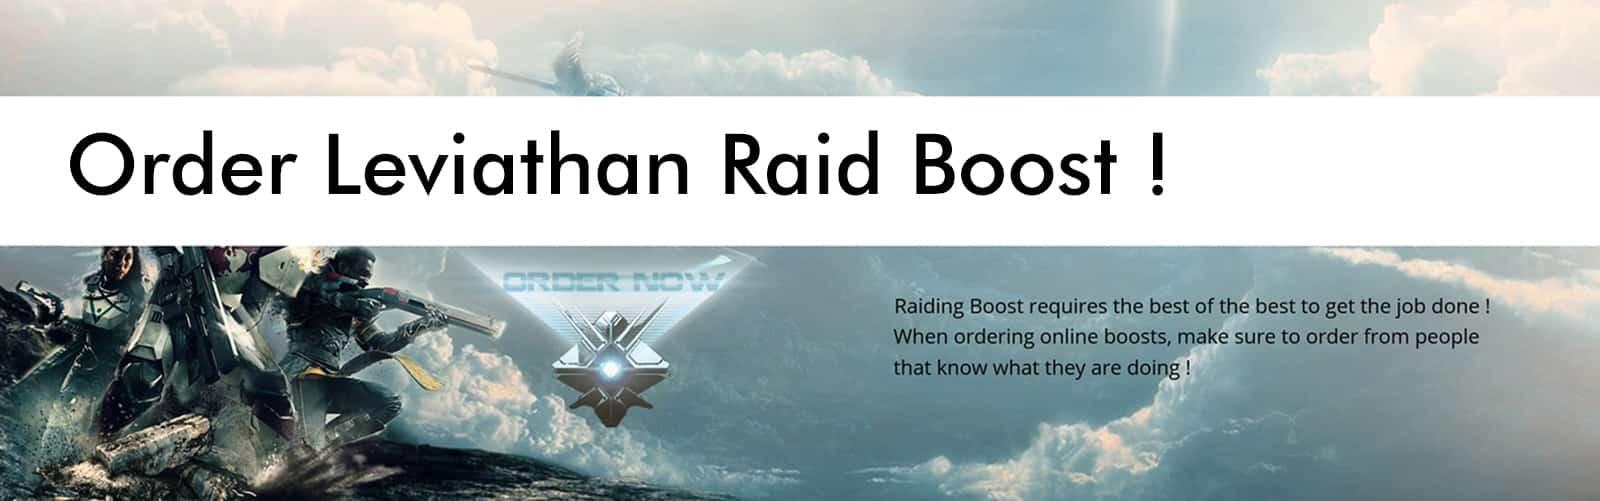 order leviathan raid boost-min (1)